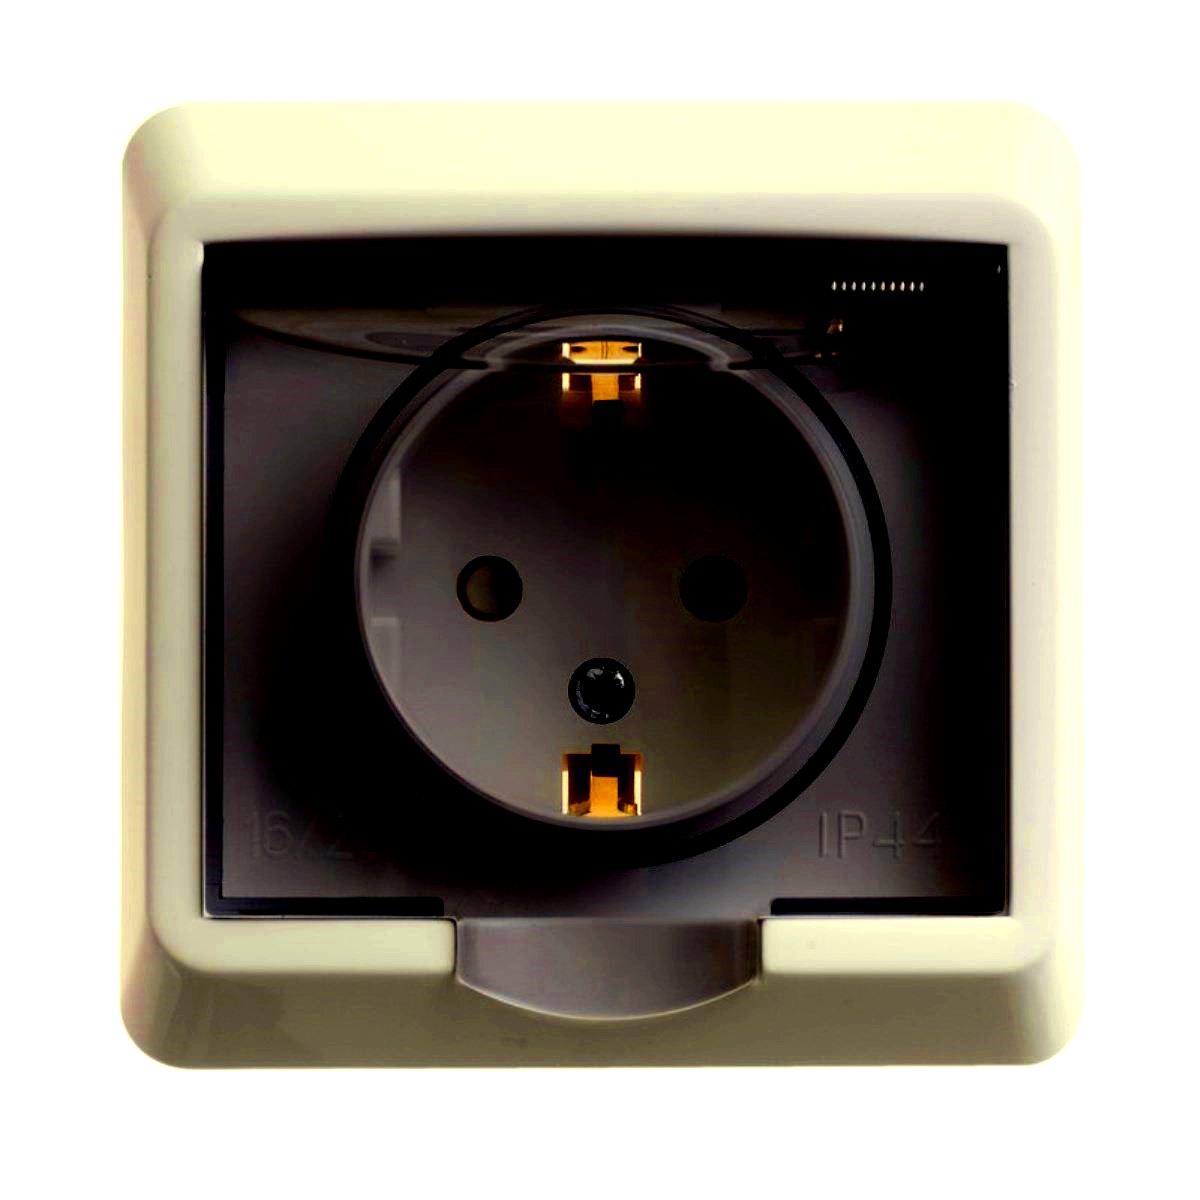 Розетка одинарная Schneider Electric Этюд, с крышкой, цвет: кремовыйPC16-044KОдинарная розетка Schneider Electric Этюд с заземляющим контактом, со шторками, скрытой установки. Розетка снабжена прозрачной защитной крышкой.